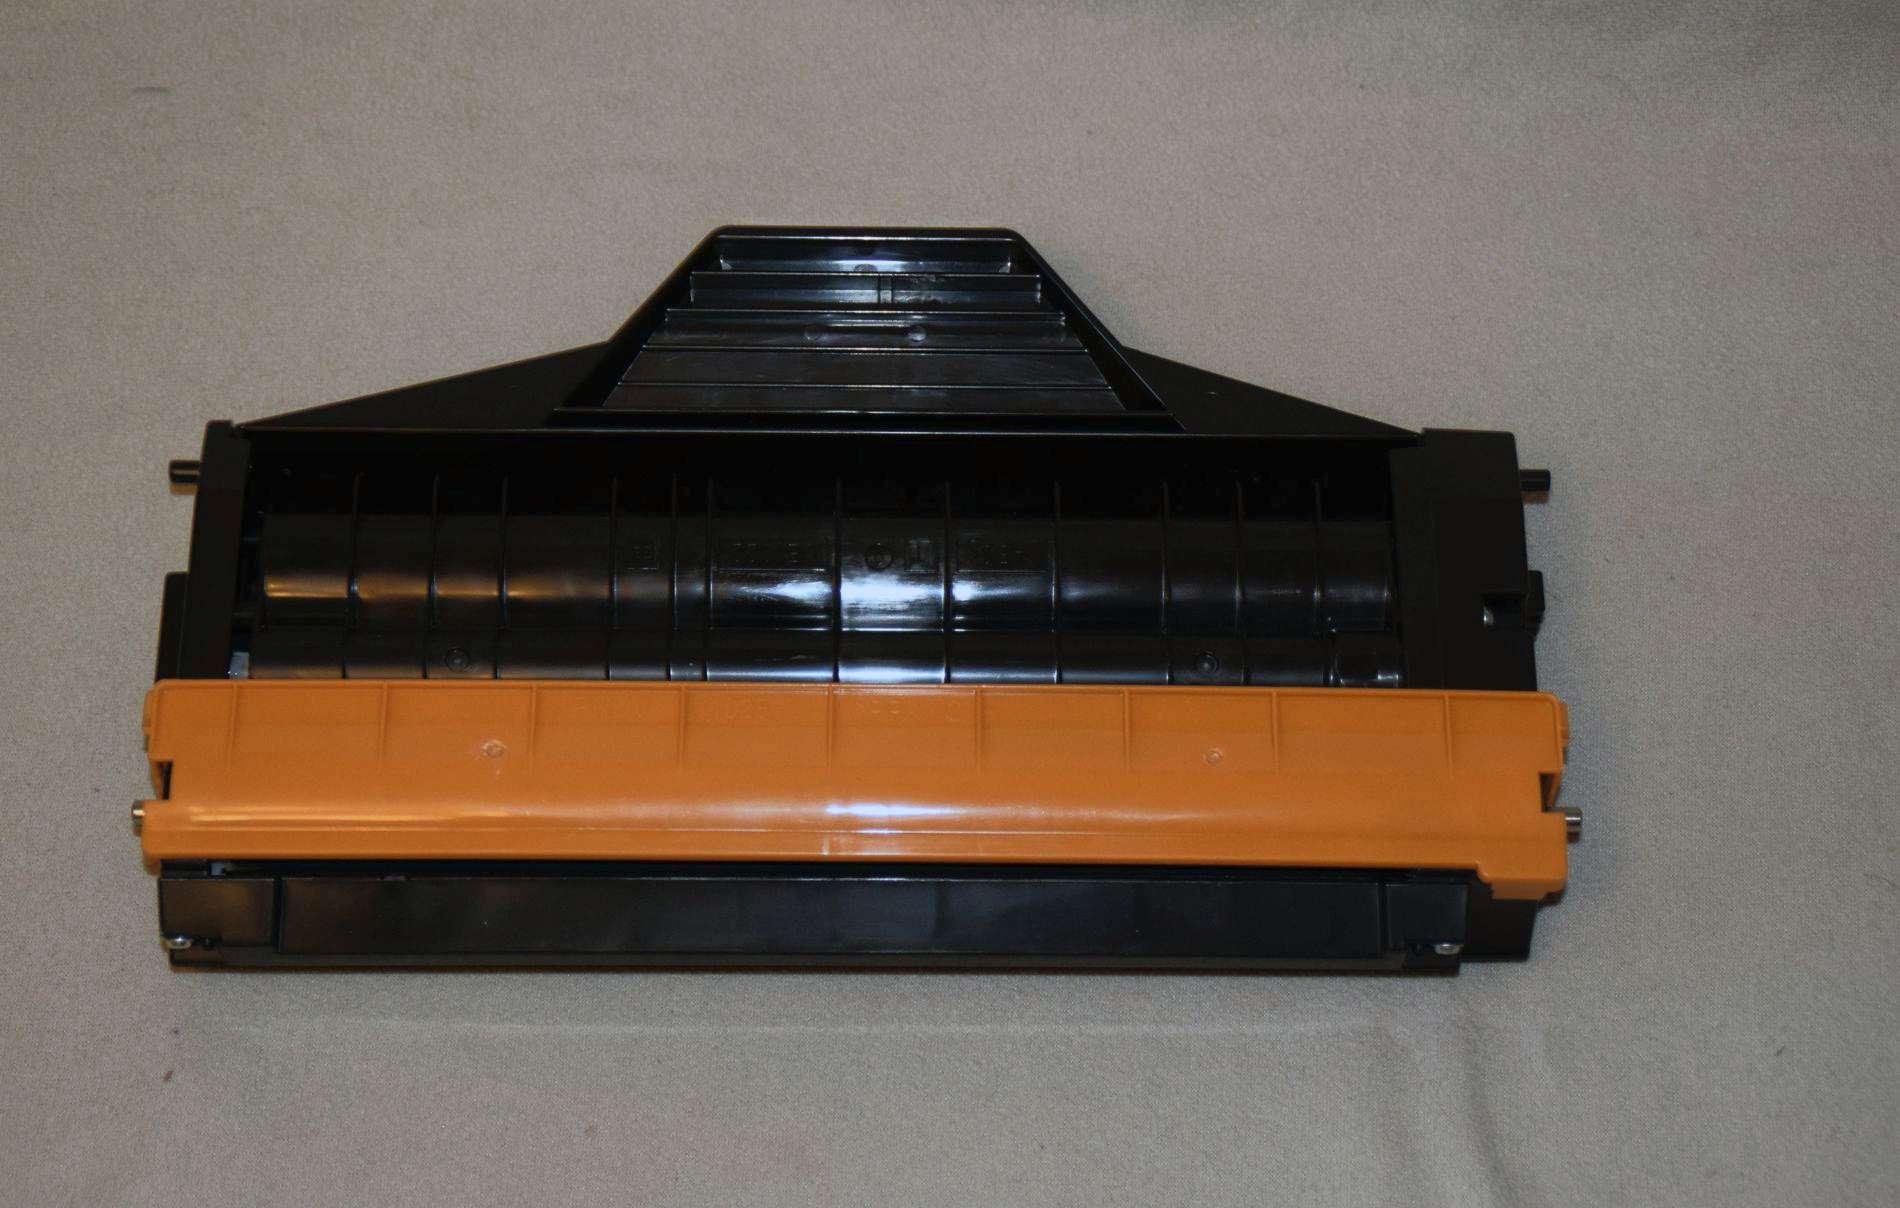 инструкция по обнулению принтера panasonic mb kx 1500